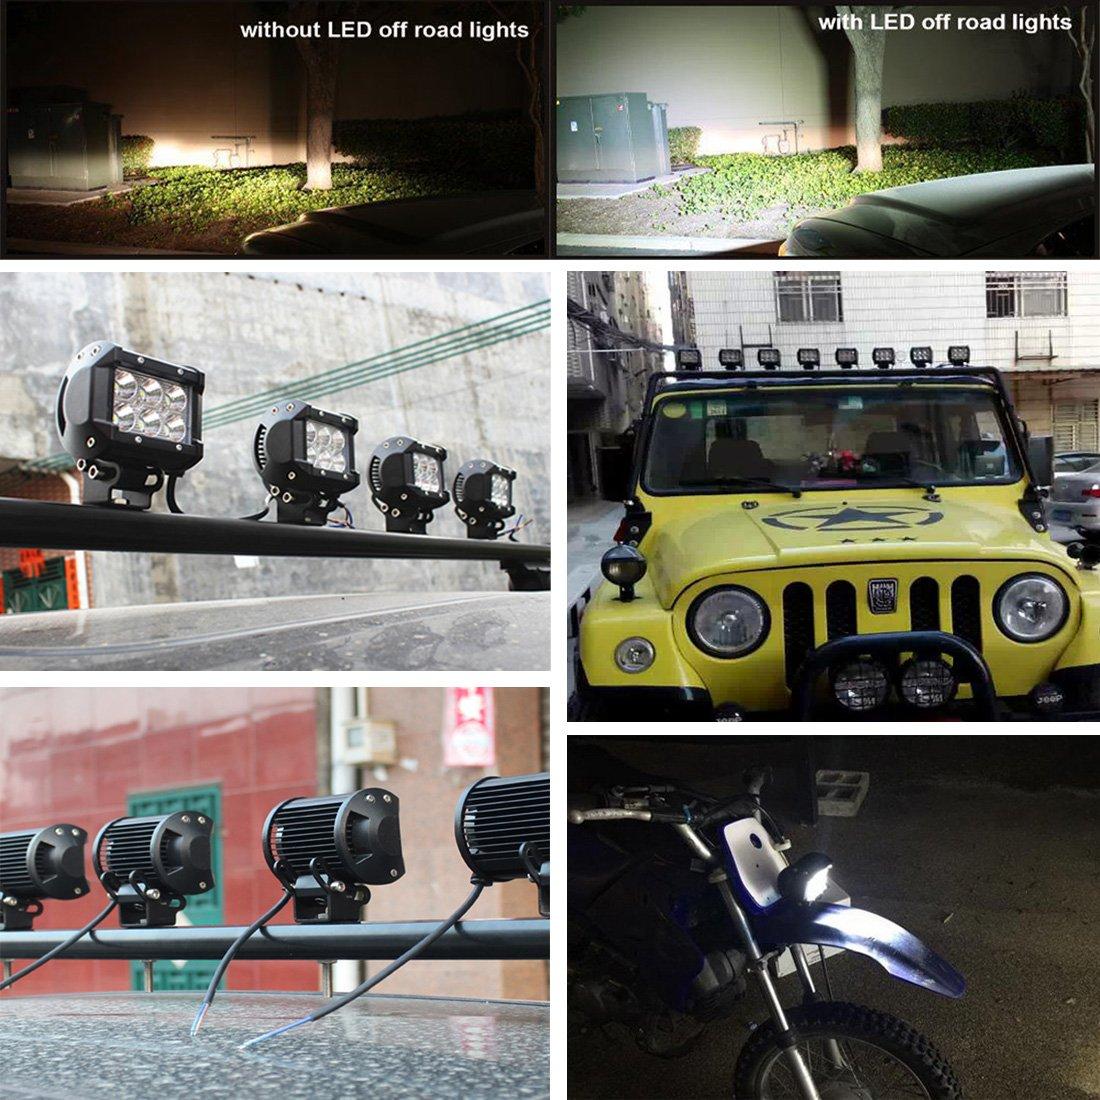 Kashine 18W LED Luz de Trabajo Bar Lampara de Inundacion Niebla Luz para Camion Offroad 4x4 SUV ATV Carro Coches Barco Miner/ía Tractor 6000K 2 Piezas